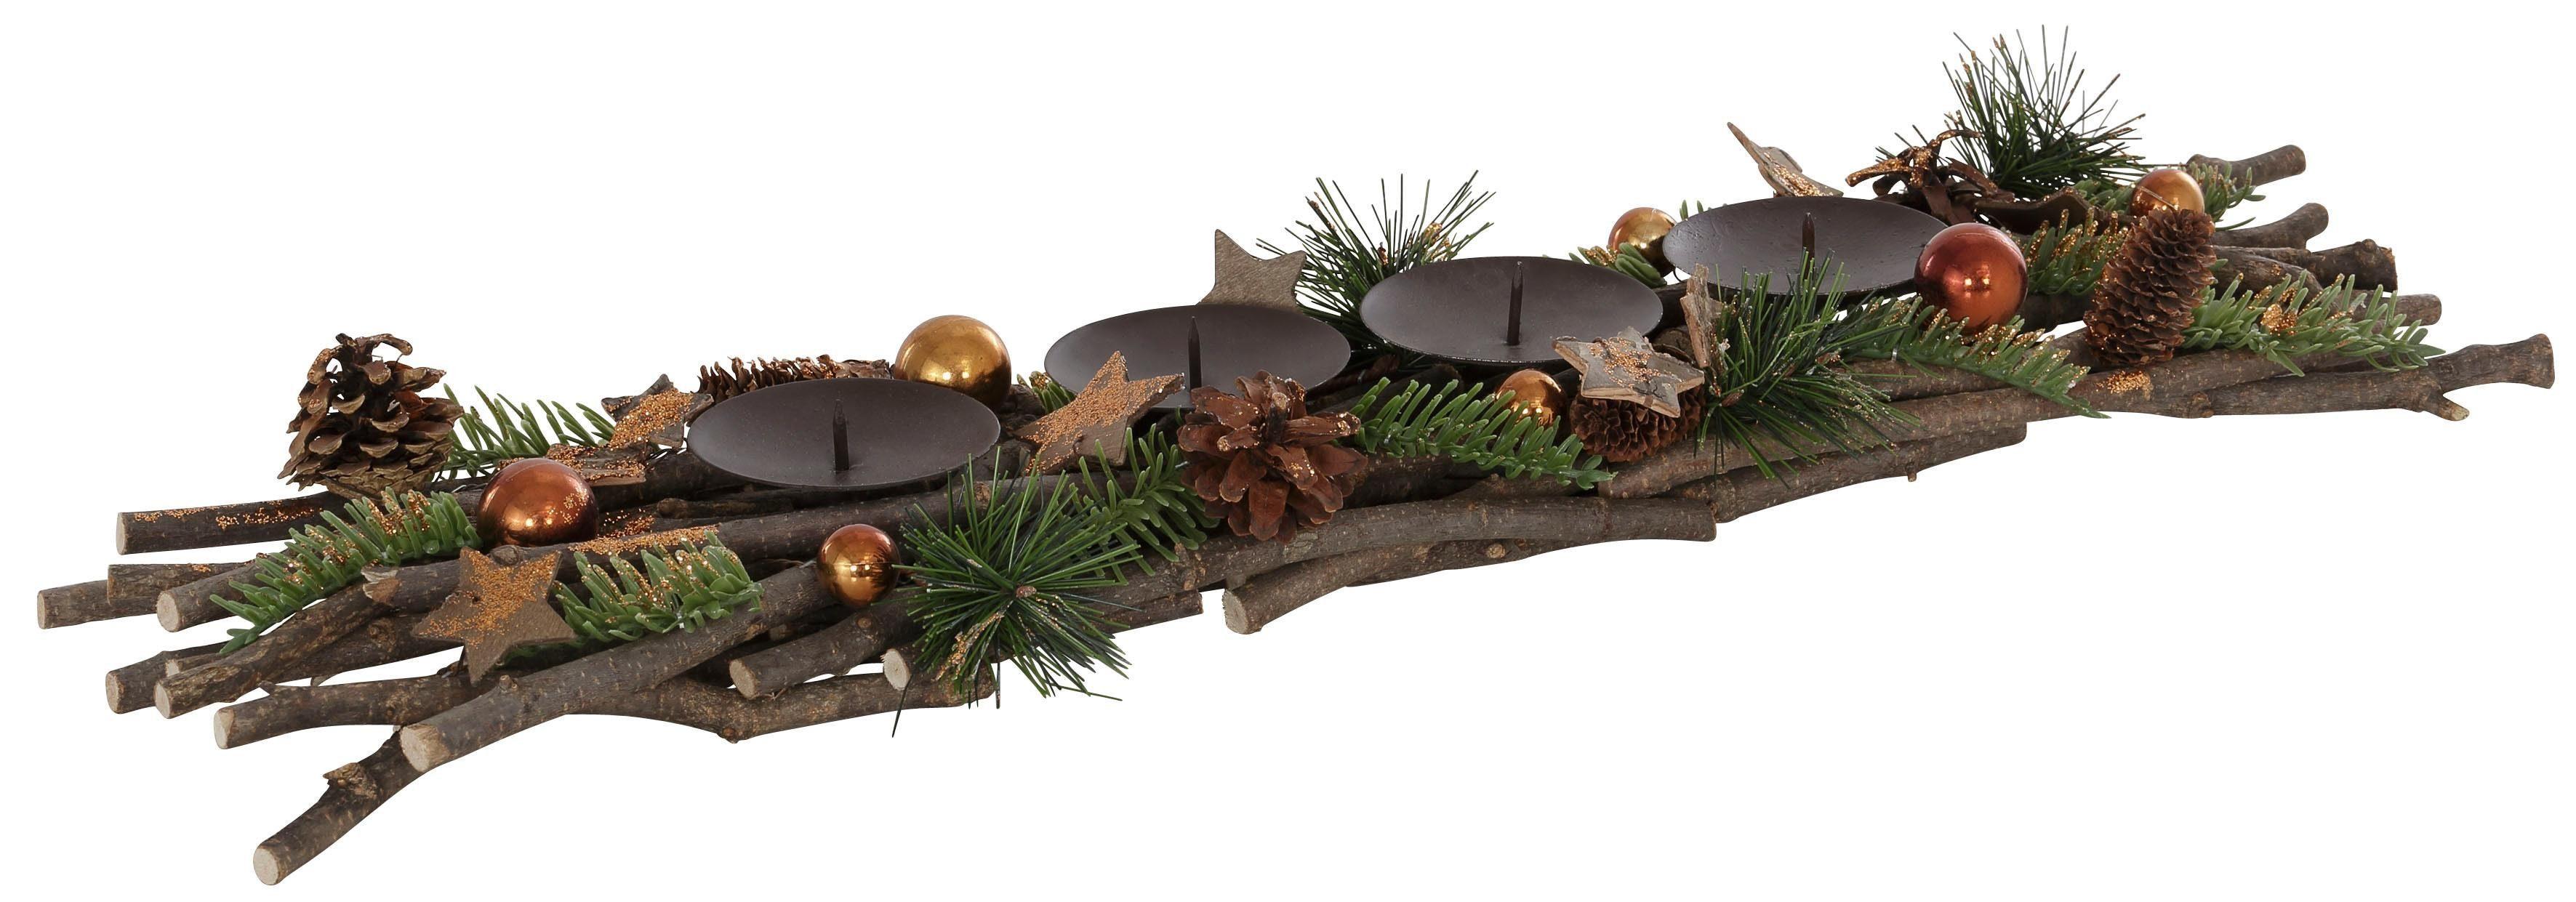 Kerzenhalter mit dekorativer Applikation, Länge 63 cm